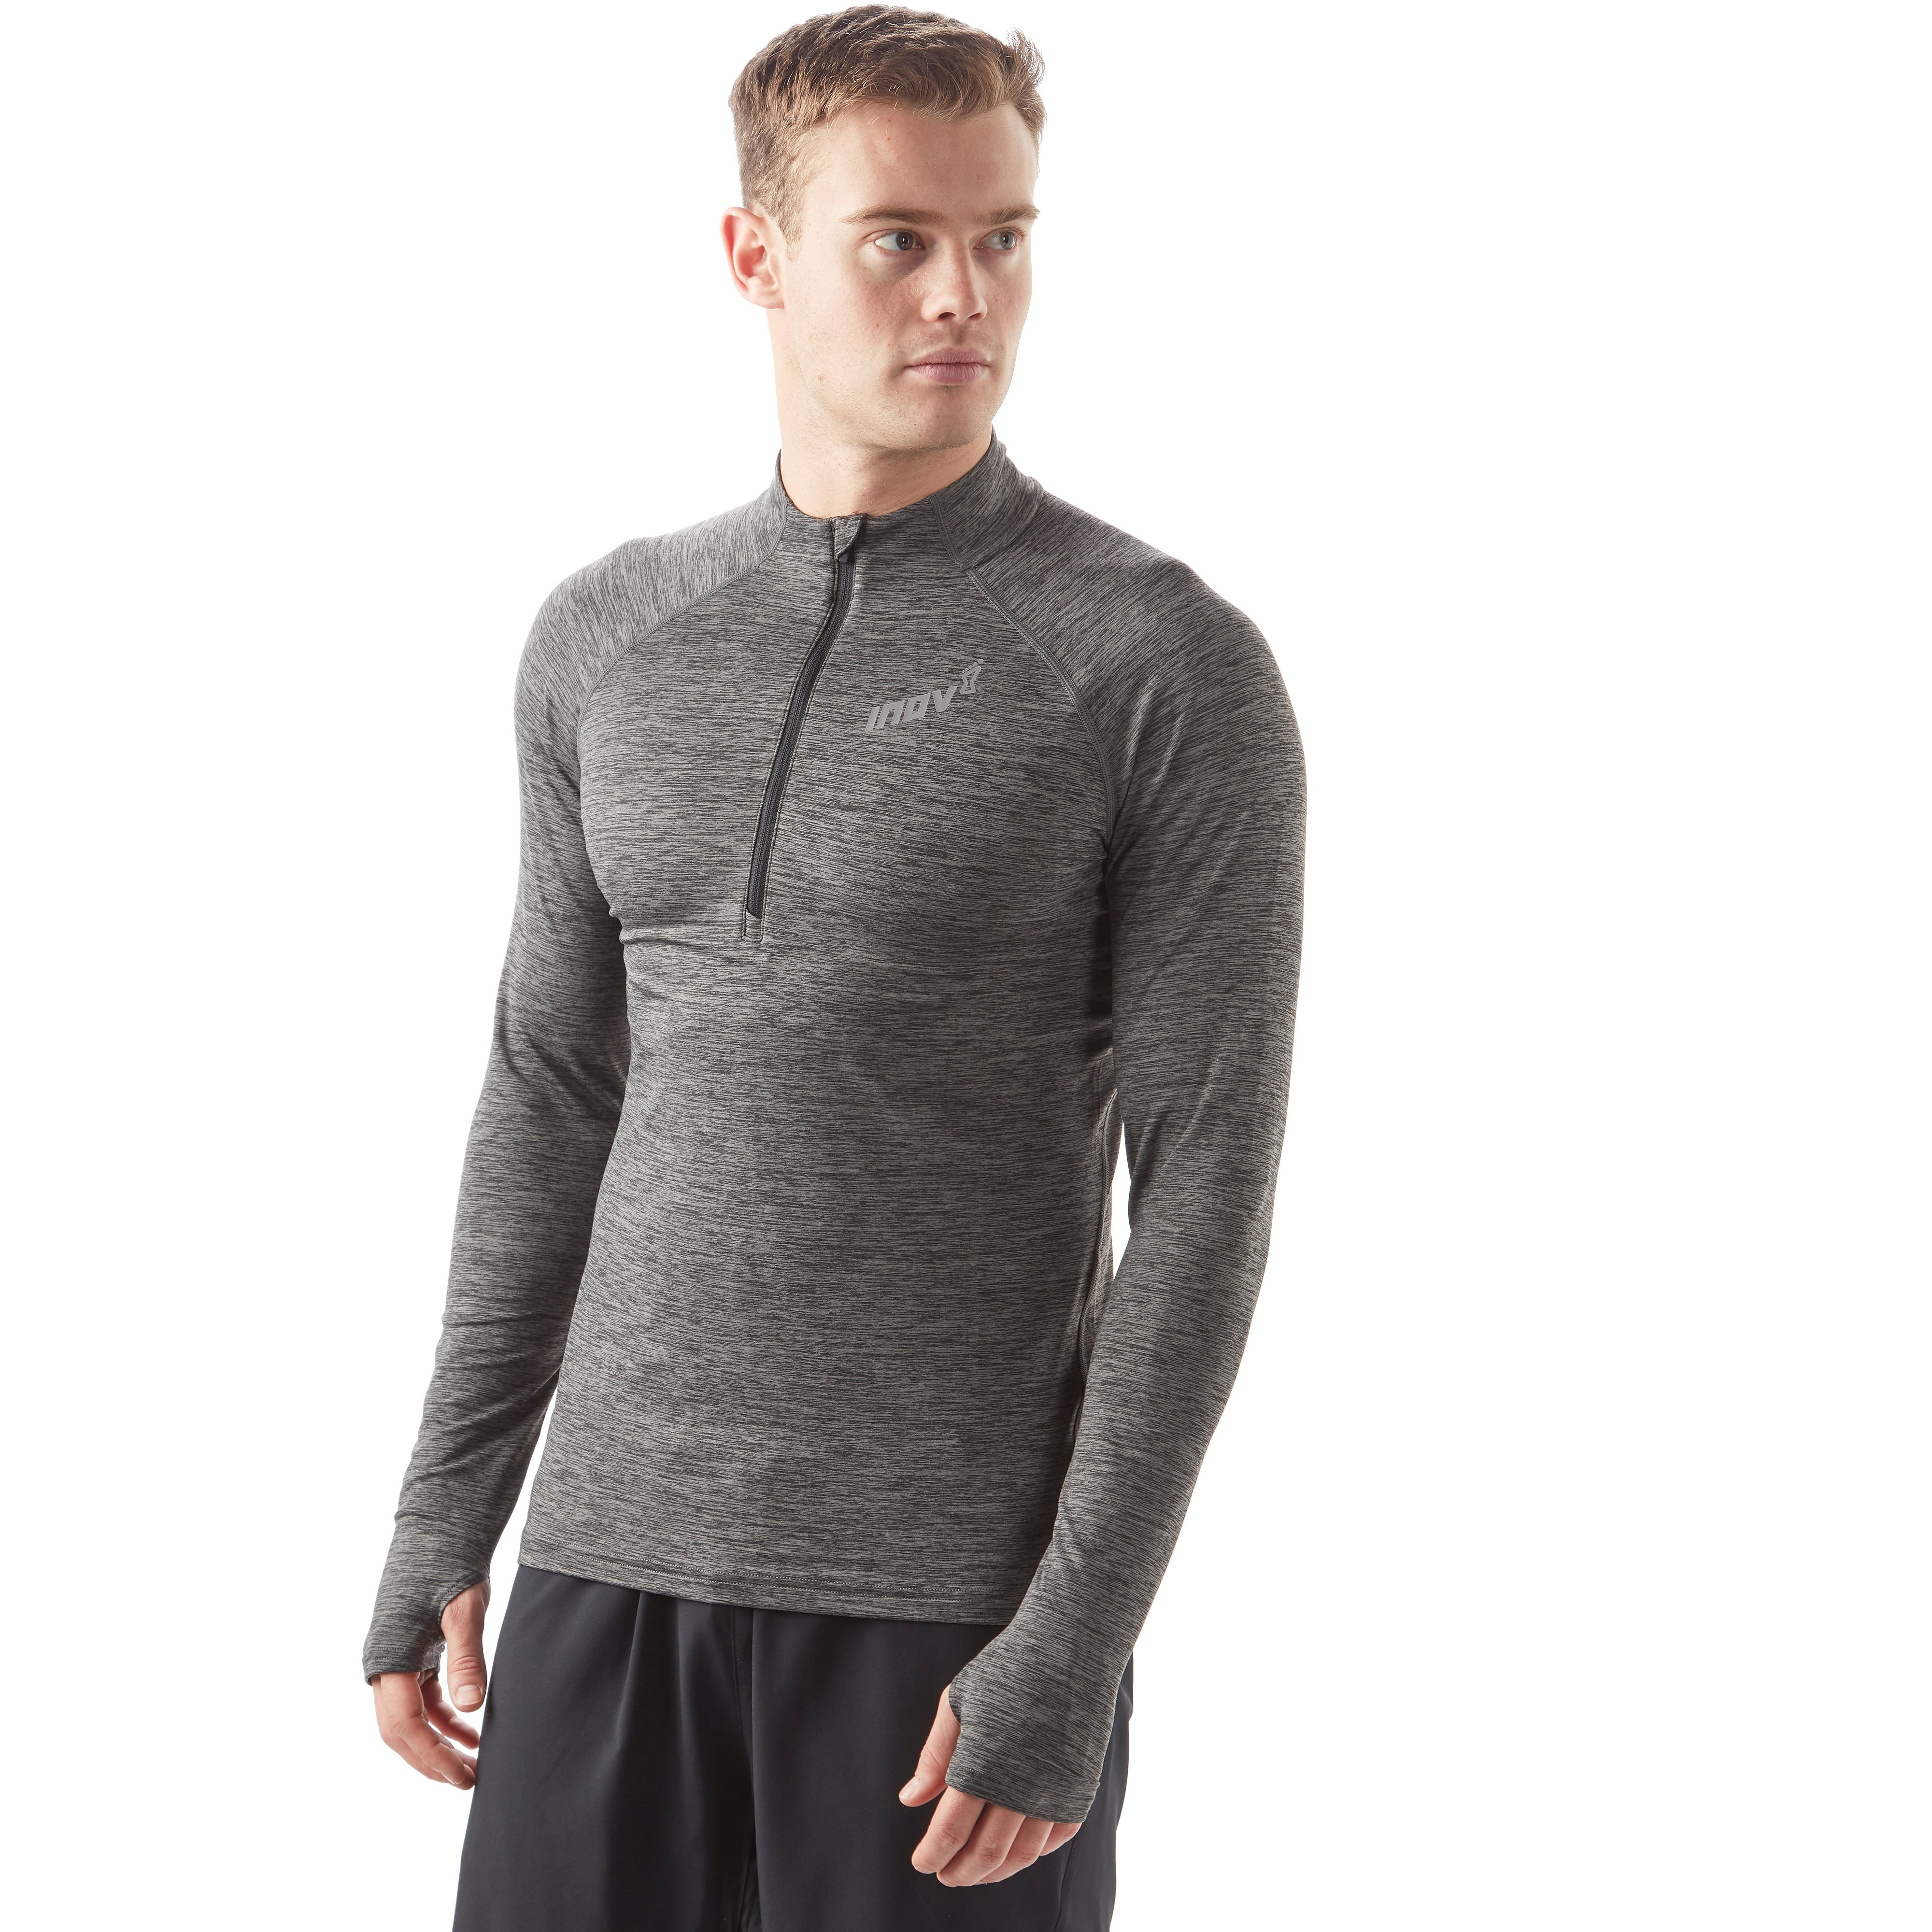 Inov-8 AT/C Long Sleeve ½ Zip Mid Layer Men's Top